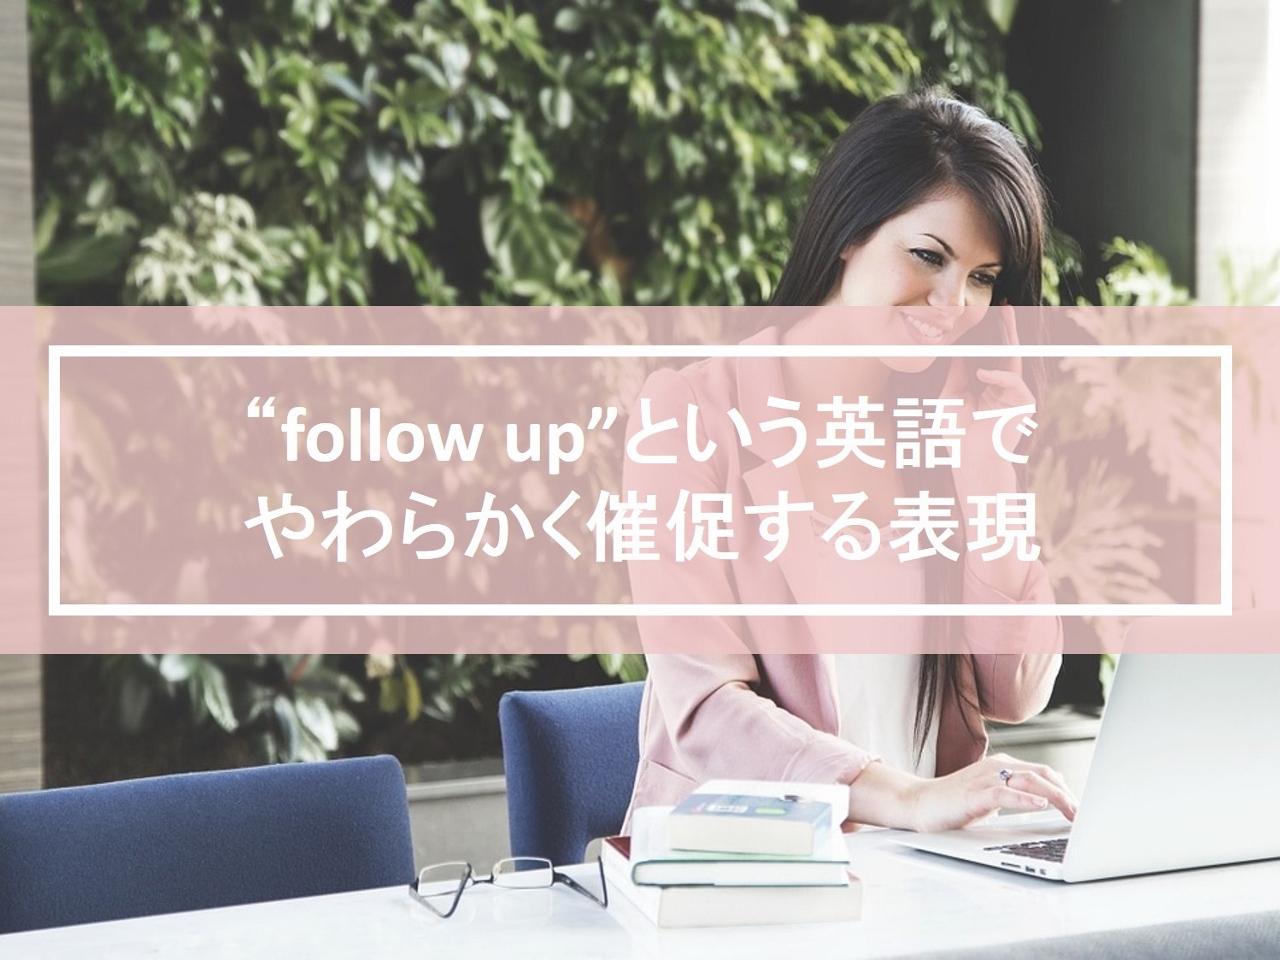 follow upという英語を使ってやわらかく催促する表現・例文